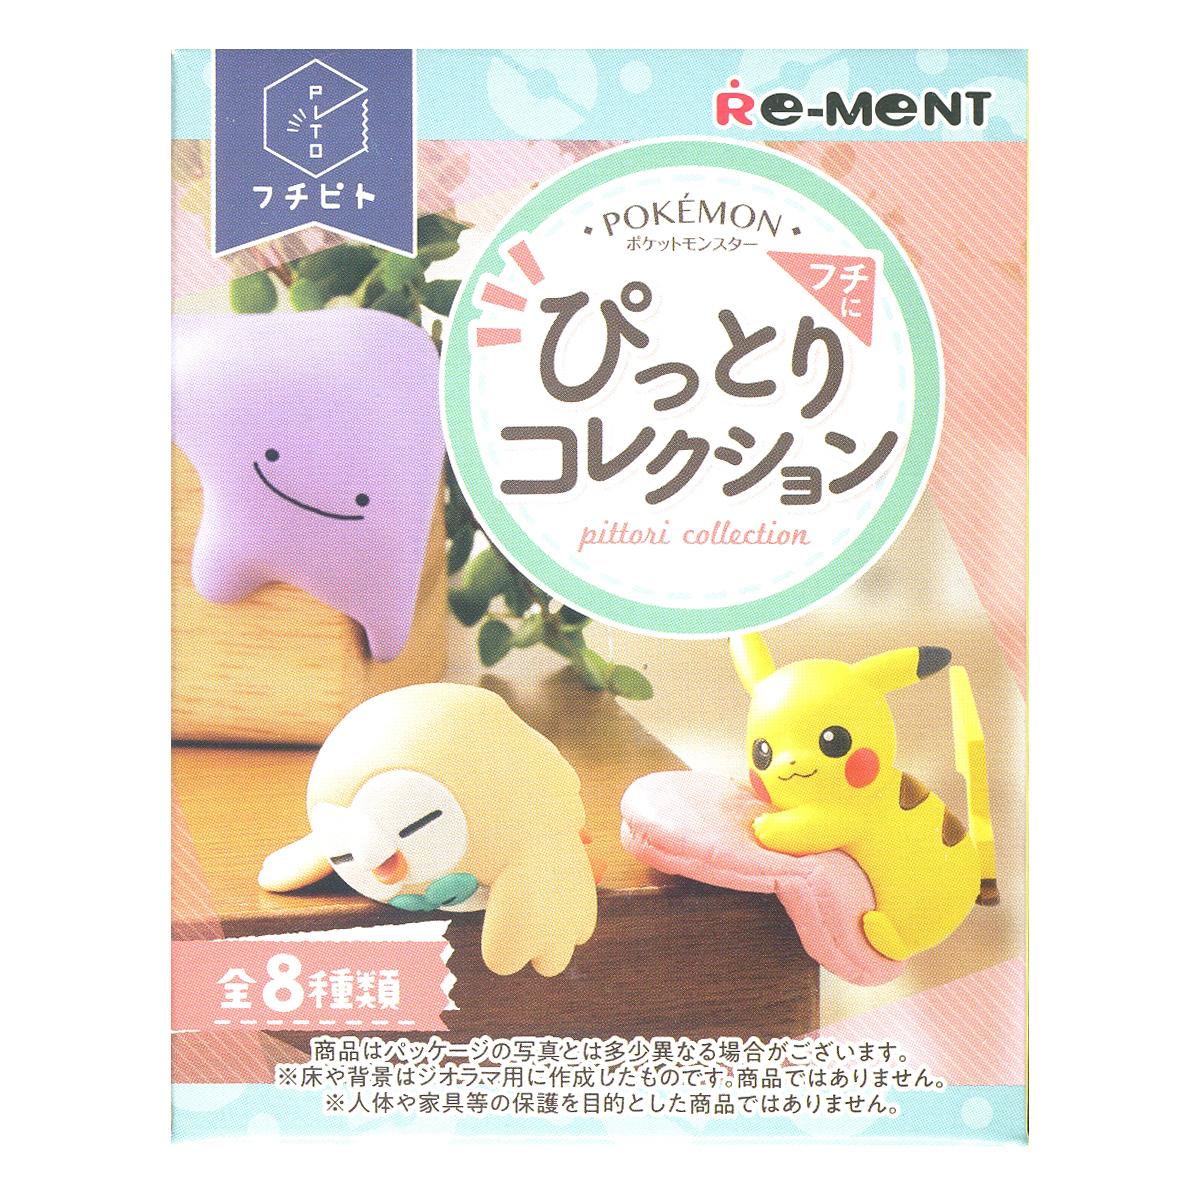 Pokemon Fuchipito Fuchi Ni Pittori Collection Random Figure Blind Box Re-Ment